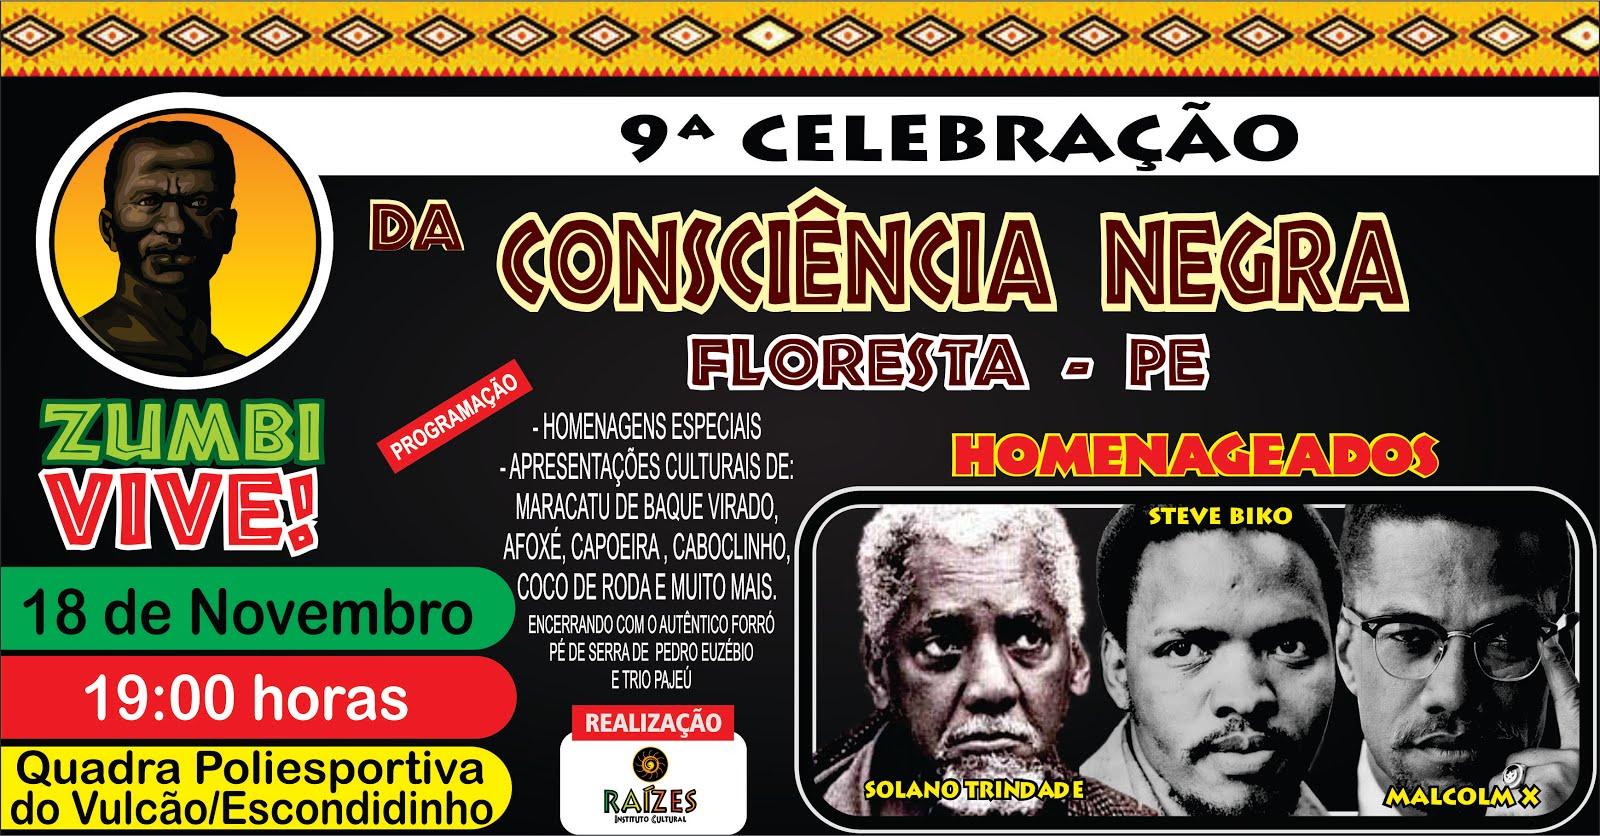 9ª CELEBRAÇÃO DA CONSCIÊNCIA NEGRA EM FLORESTA